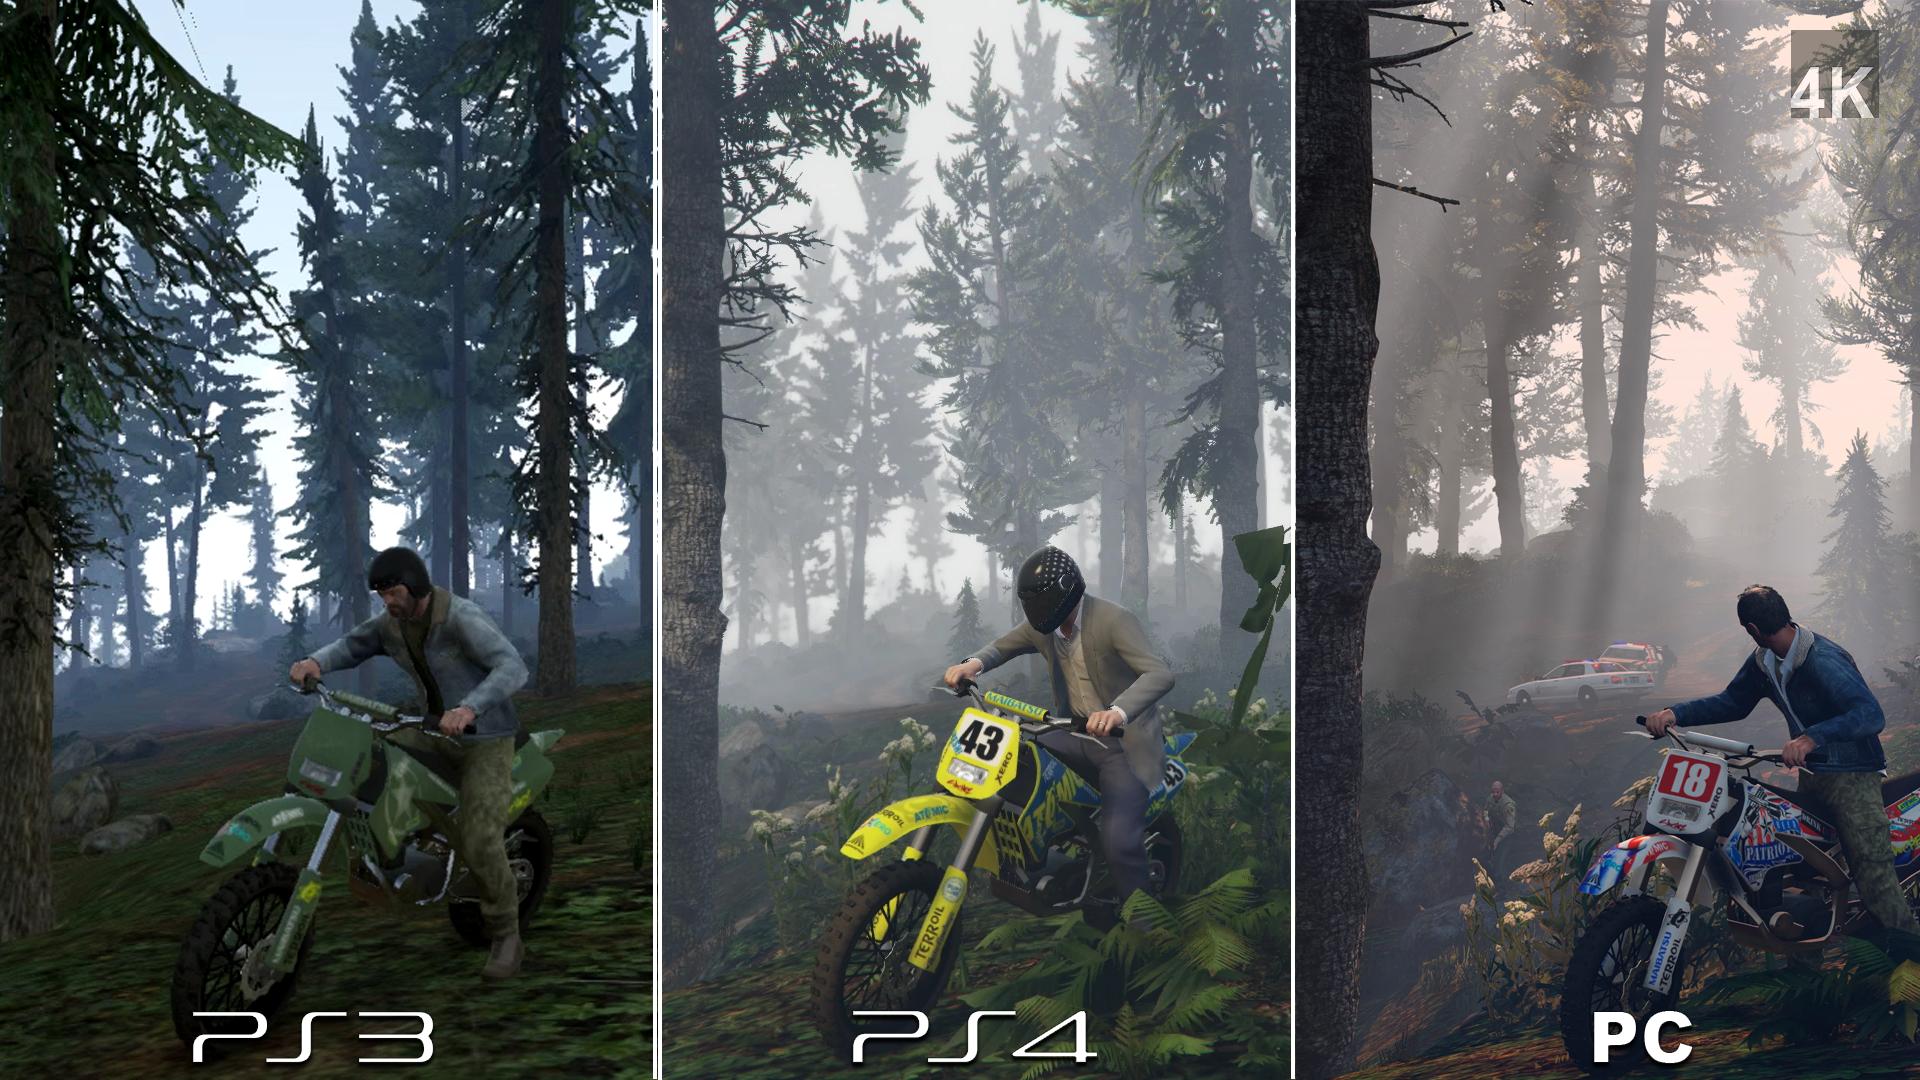 GTA 5, PC-PS4-PS3-8